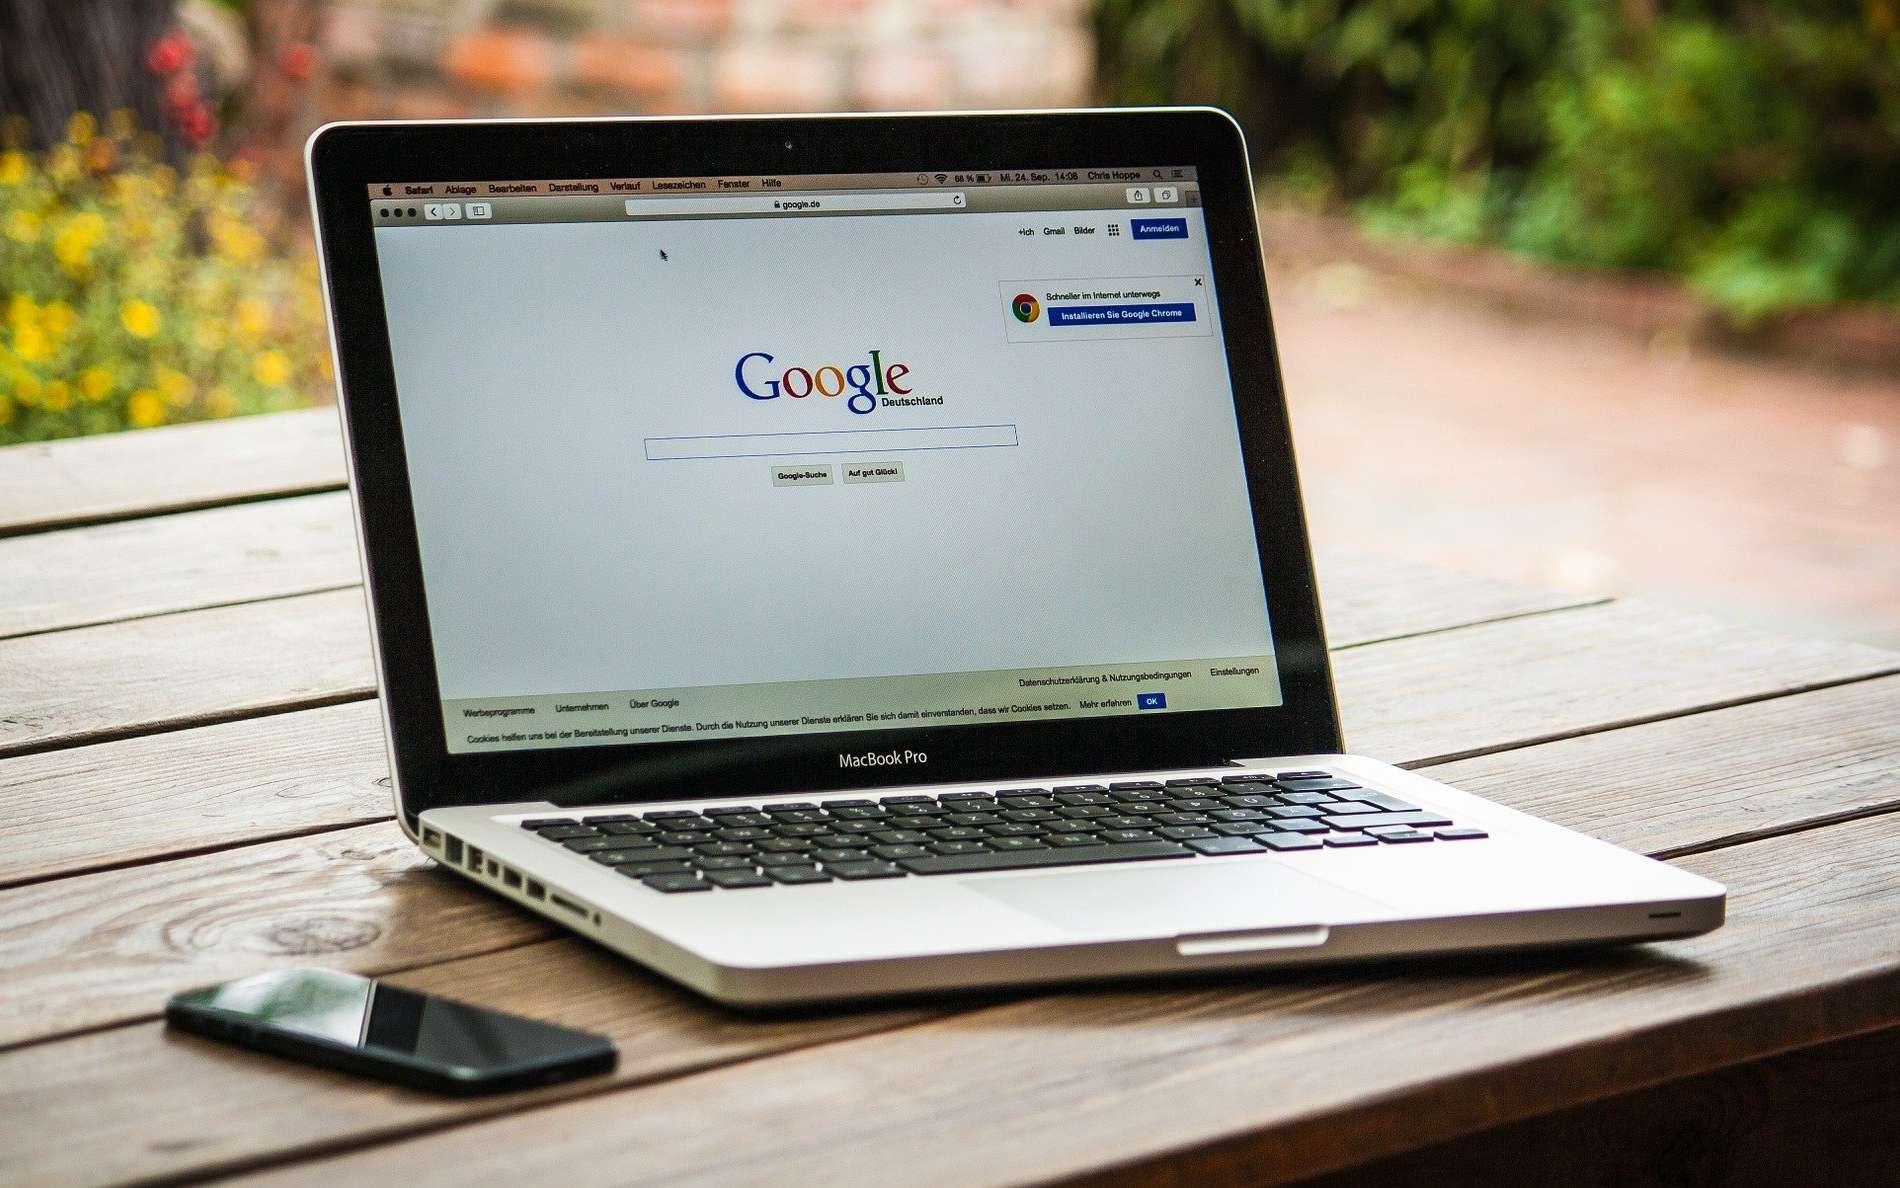 Covid-19 : comment l'utilisation de Google permet d'anticiper les pics de contamination - Futura